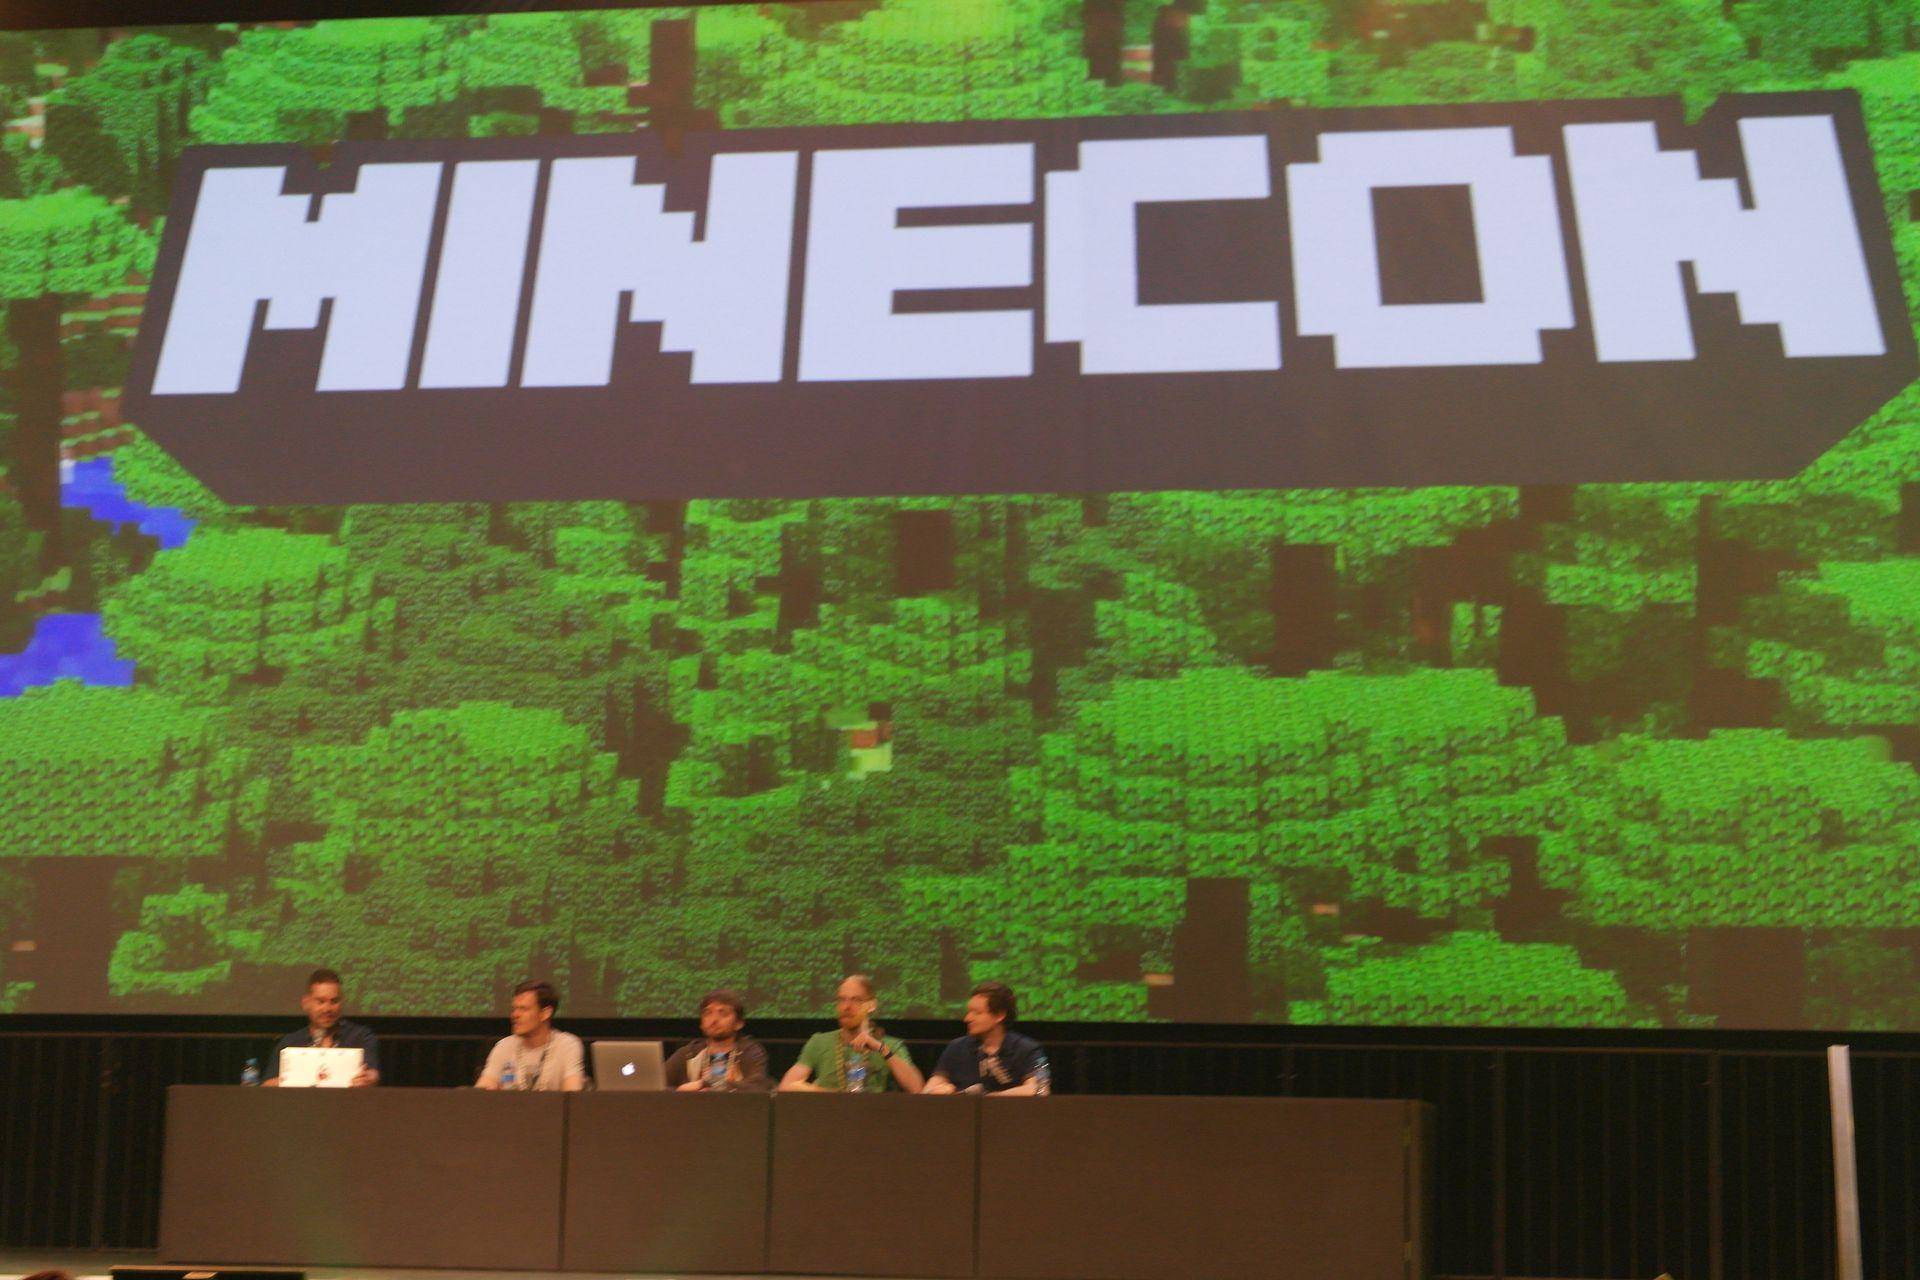 Kävimme kuuntelemassa Mojangin kehittäjien kertomana Minecraft 1.9 ja Pocket Editionin seuraavan version uutuksia.